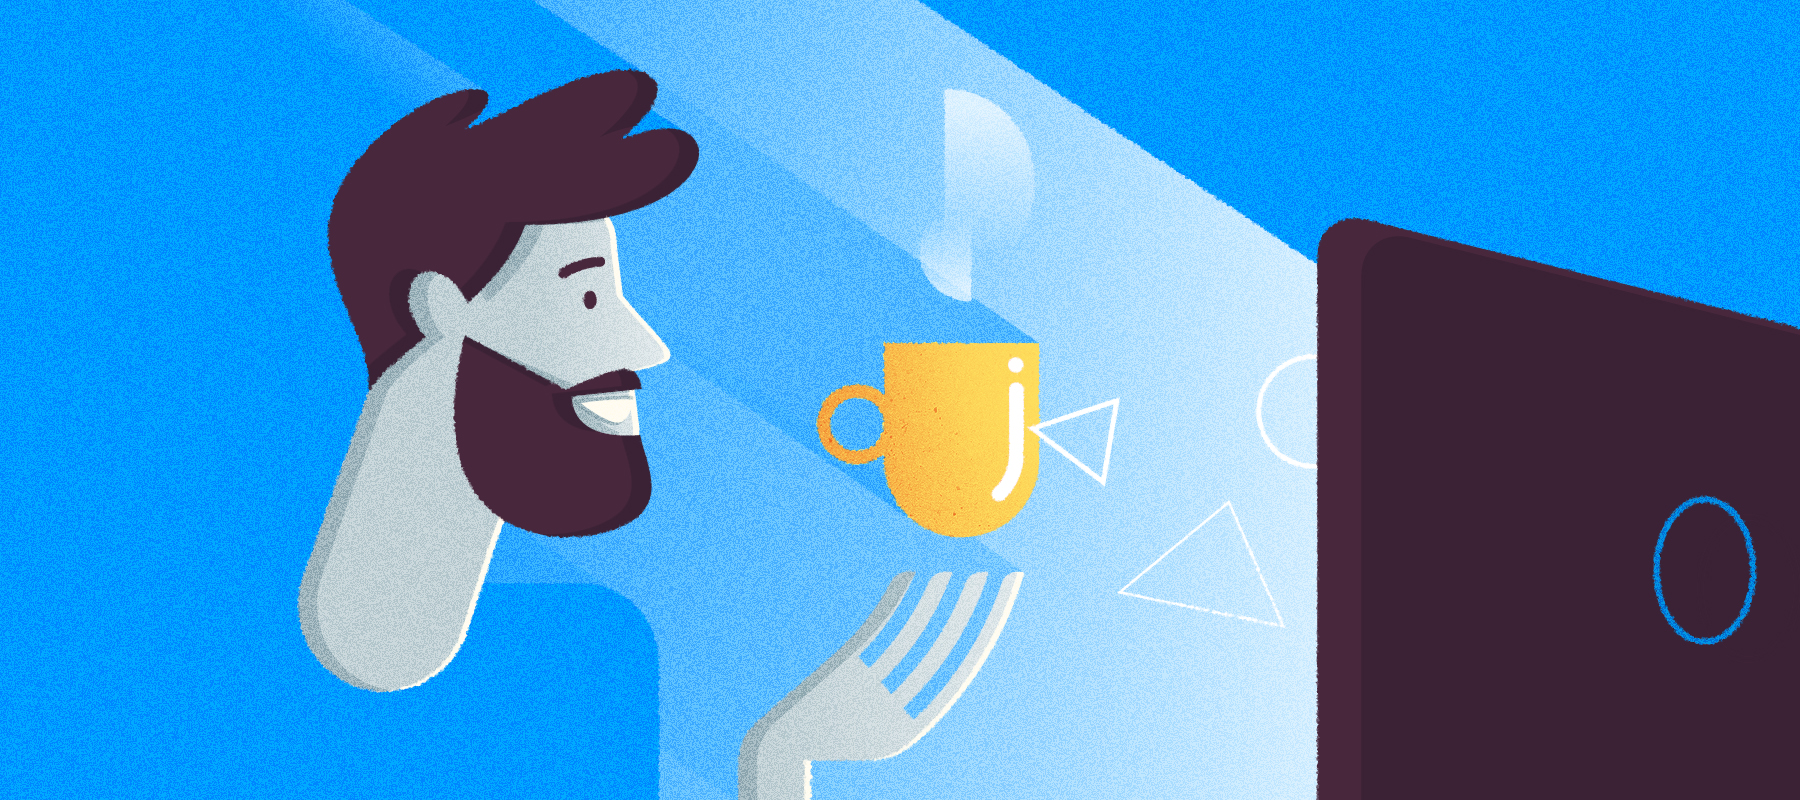 illustrazione di un utente mentre dialoga con il pc